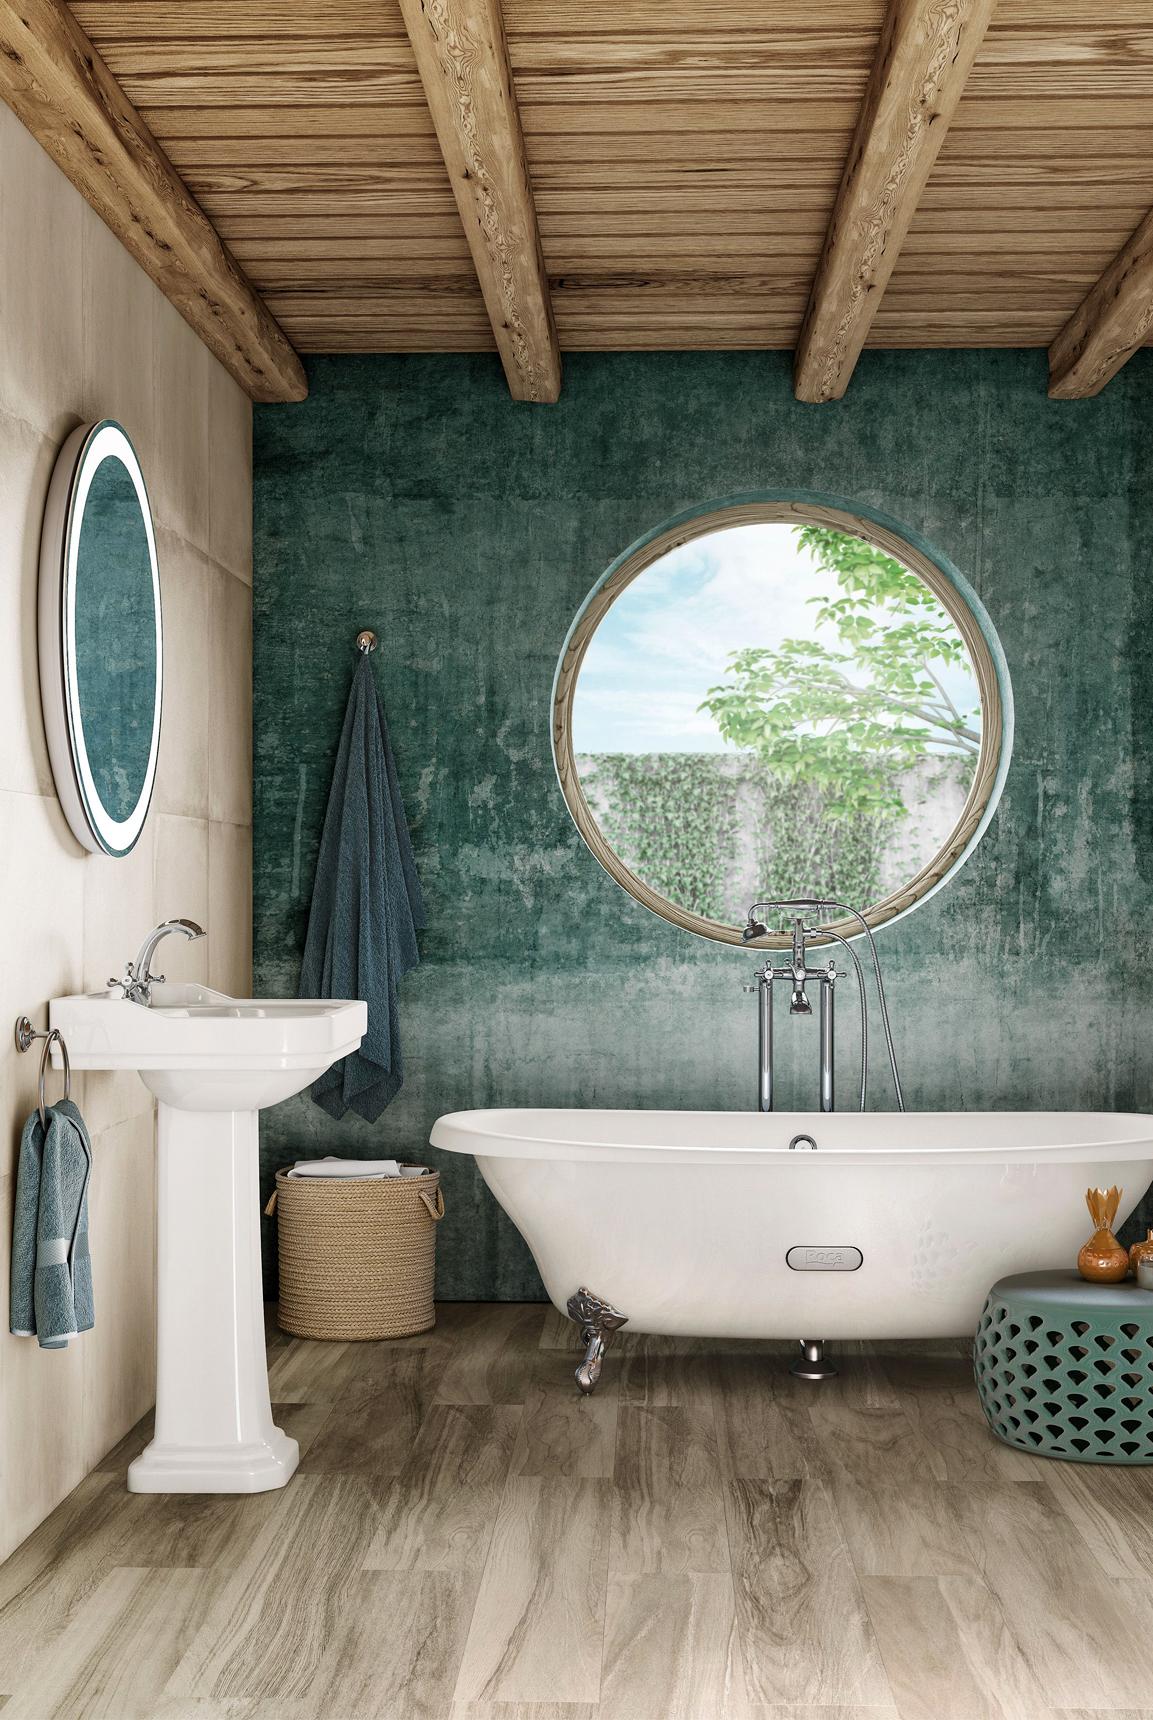 thiết-kế-phòng-tắm-mùa-hè-AIC-JSC-12